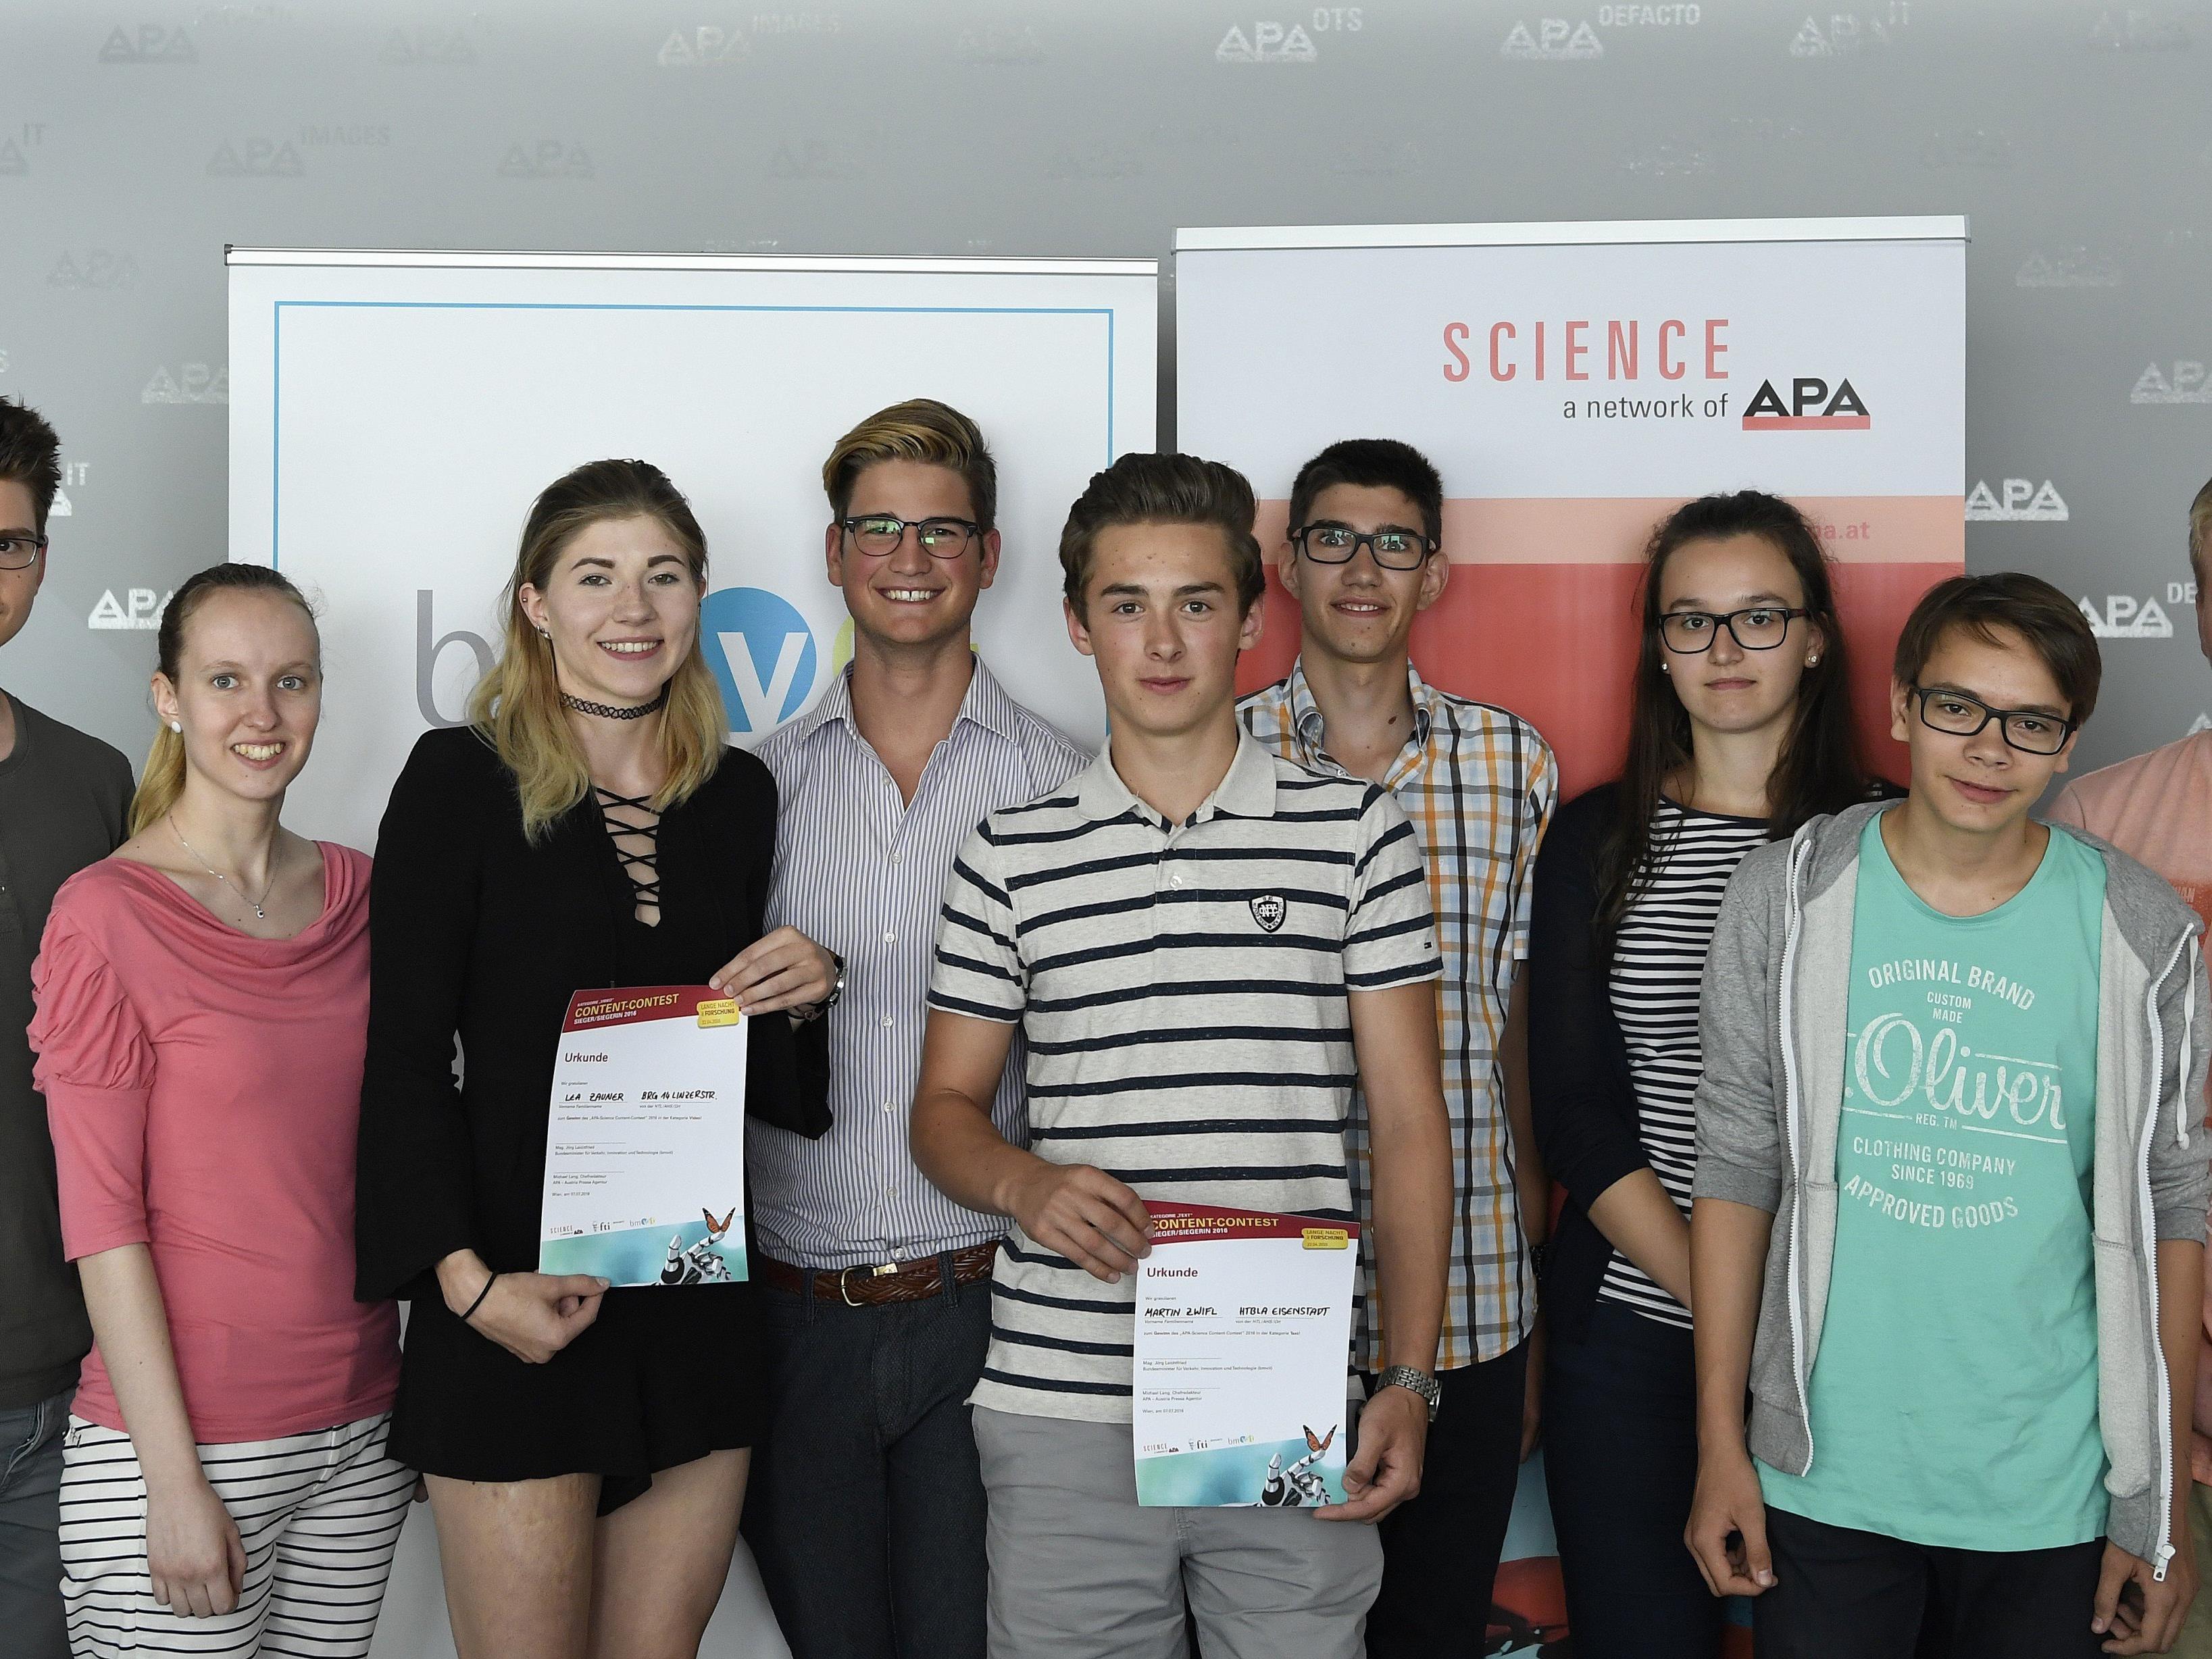 Die Gewinner der des APA-Science Content-Contest wurden gekürt